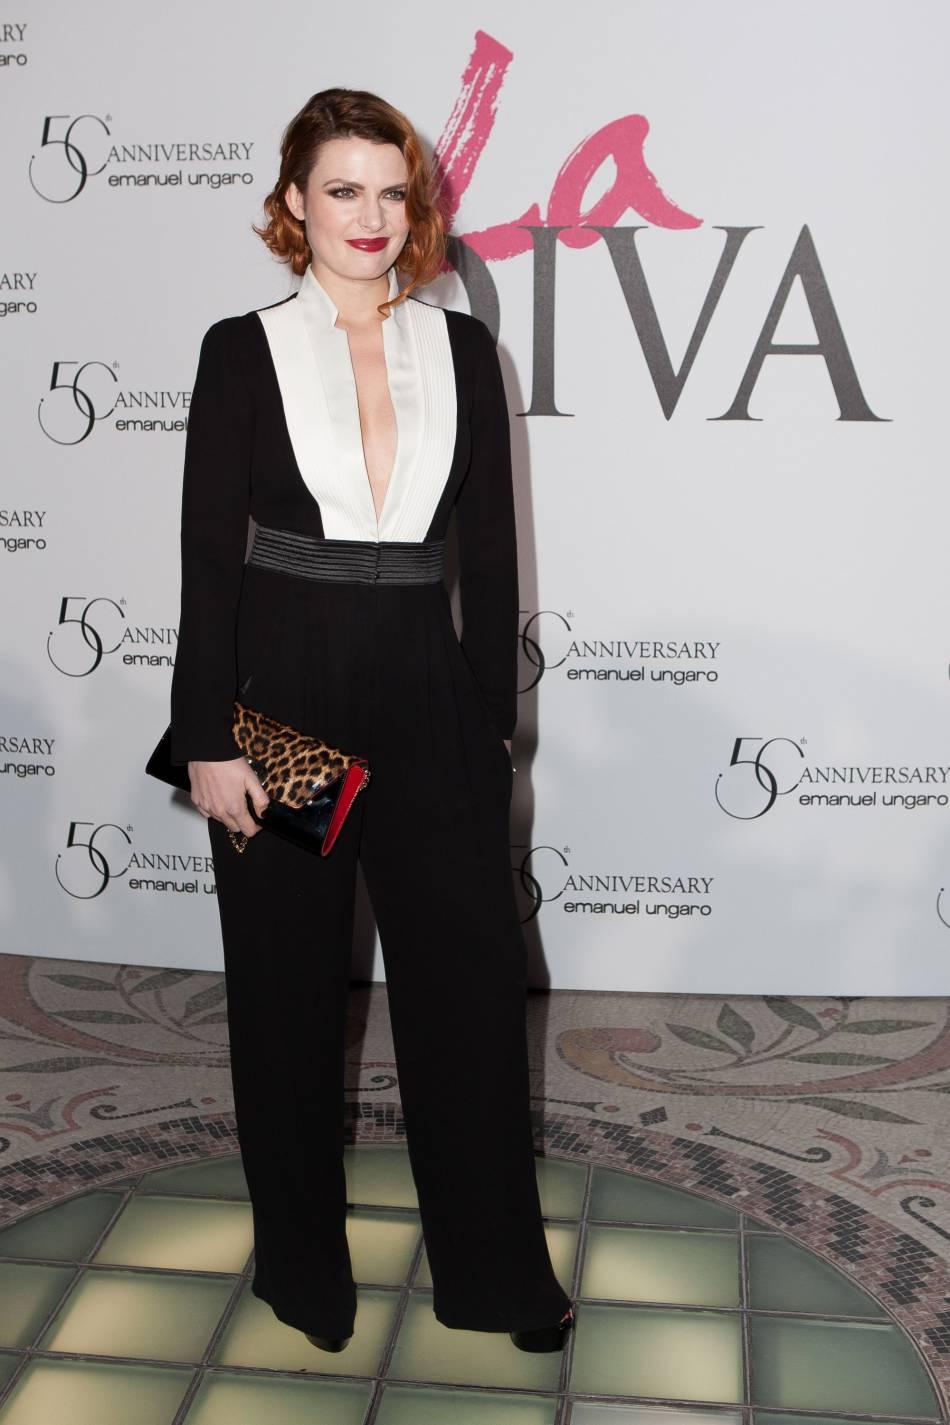 Elodie Frégé au cinquantième anniversaire de la maison de couture Emanuel Ungaro à Paris.